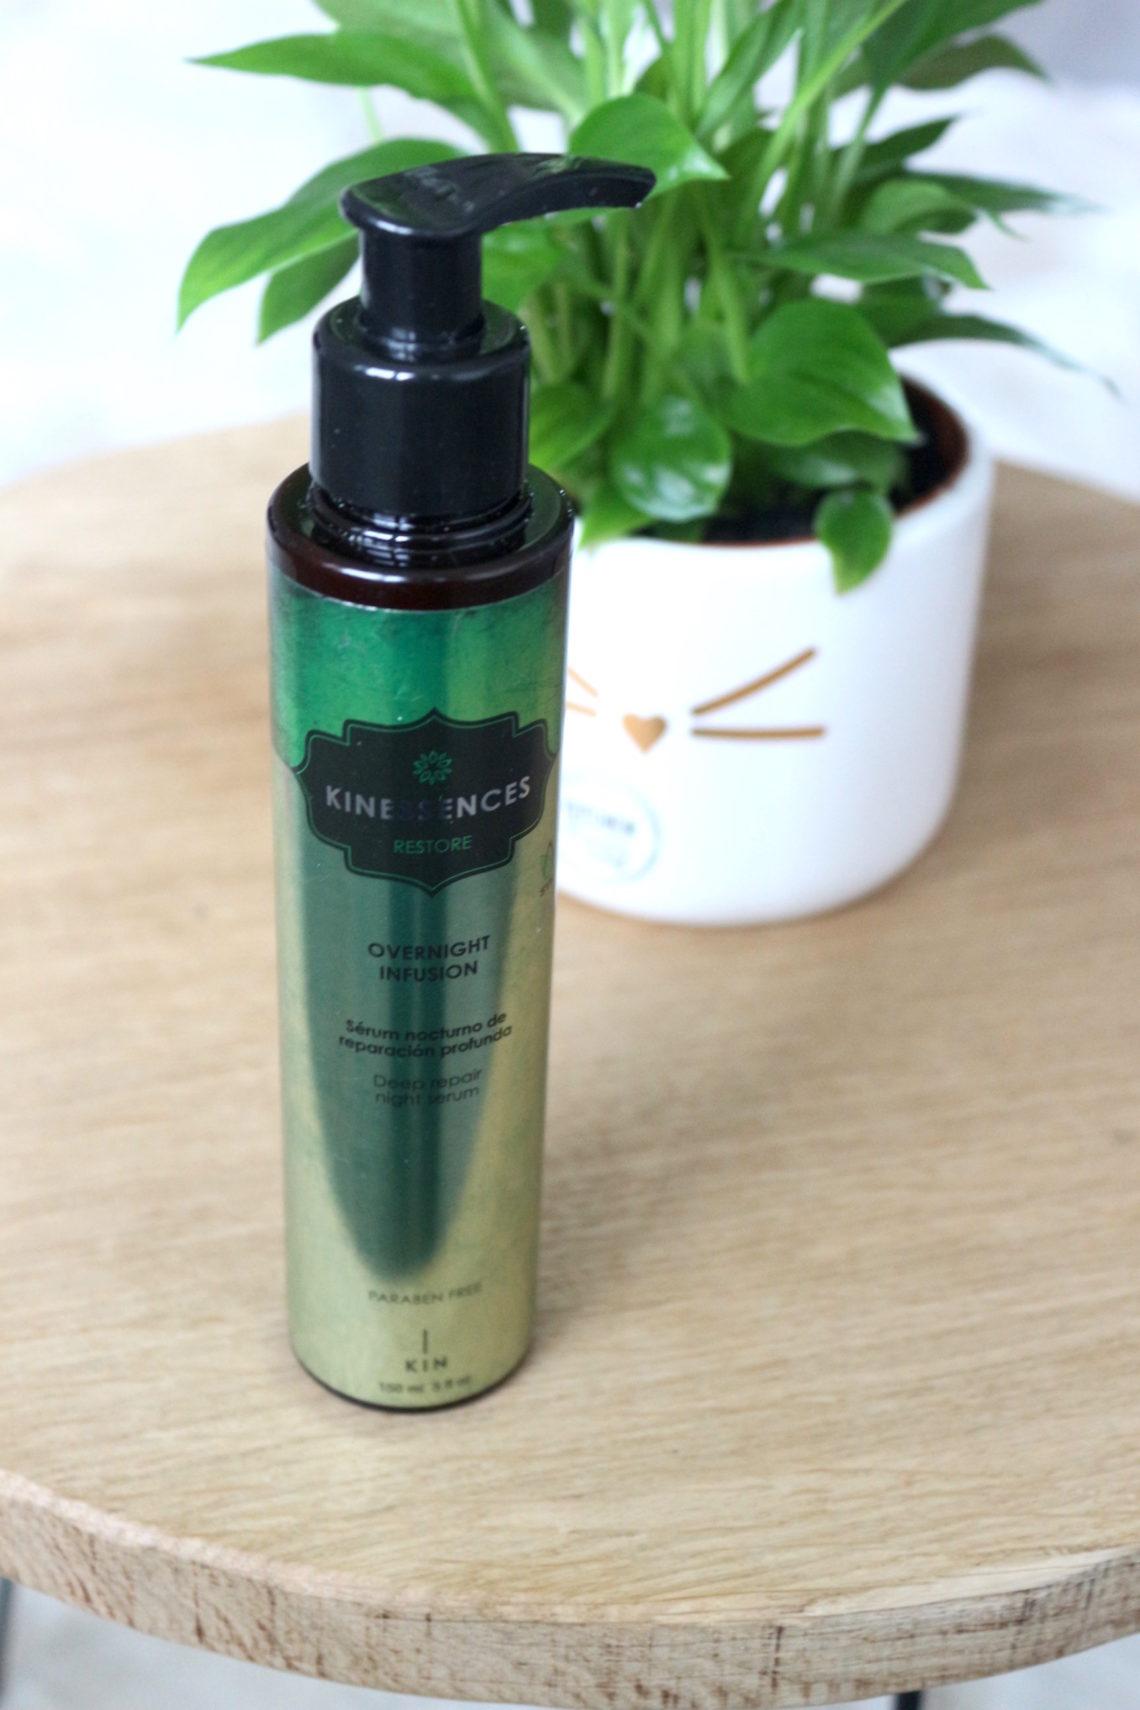 Sérum Overnight Infusion Kinessence Restore de la marque Kin Cosmetics